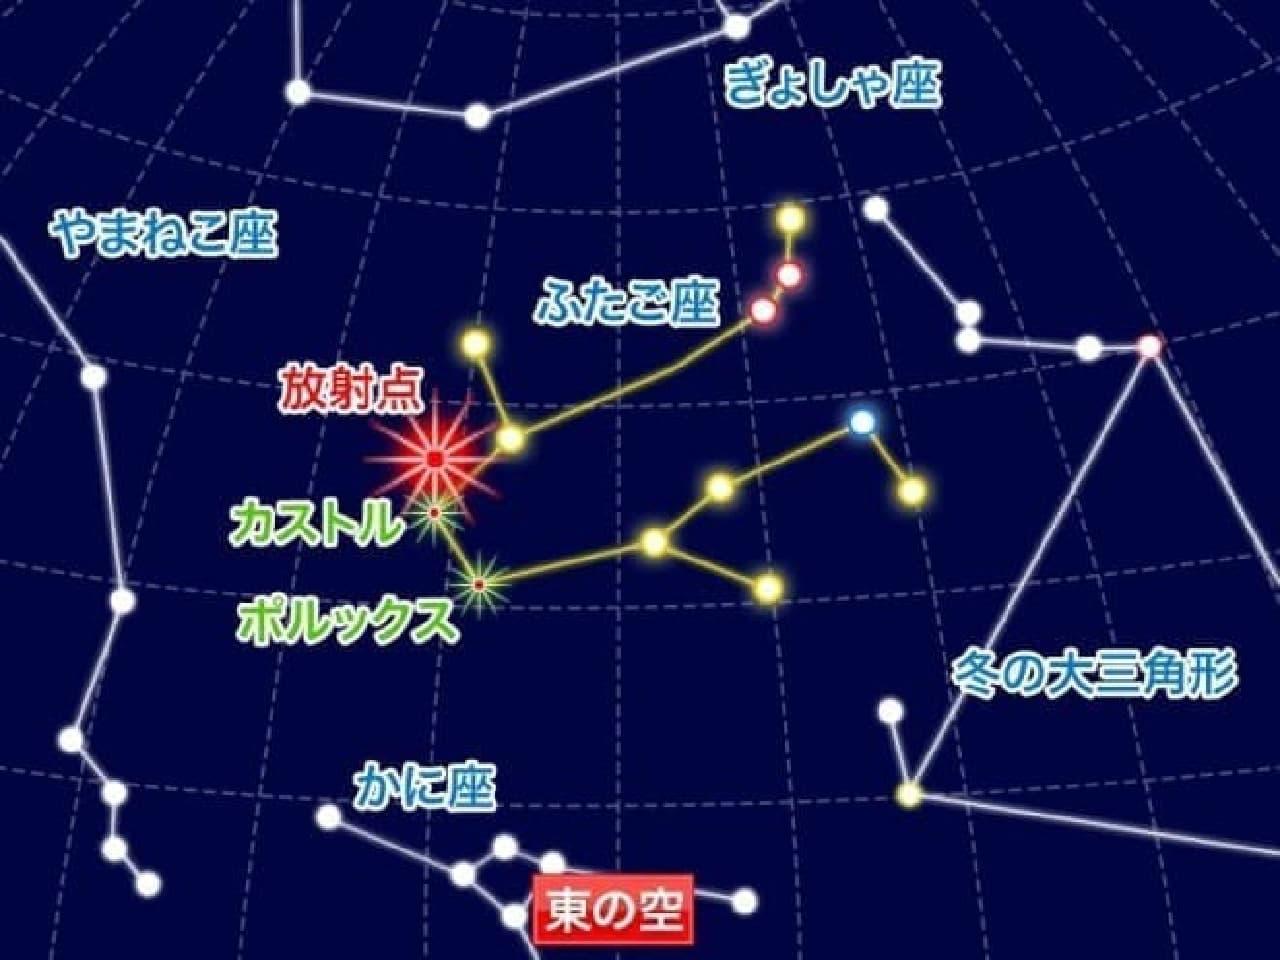 明日(12月13日)は「ふたご座流星群」